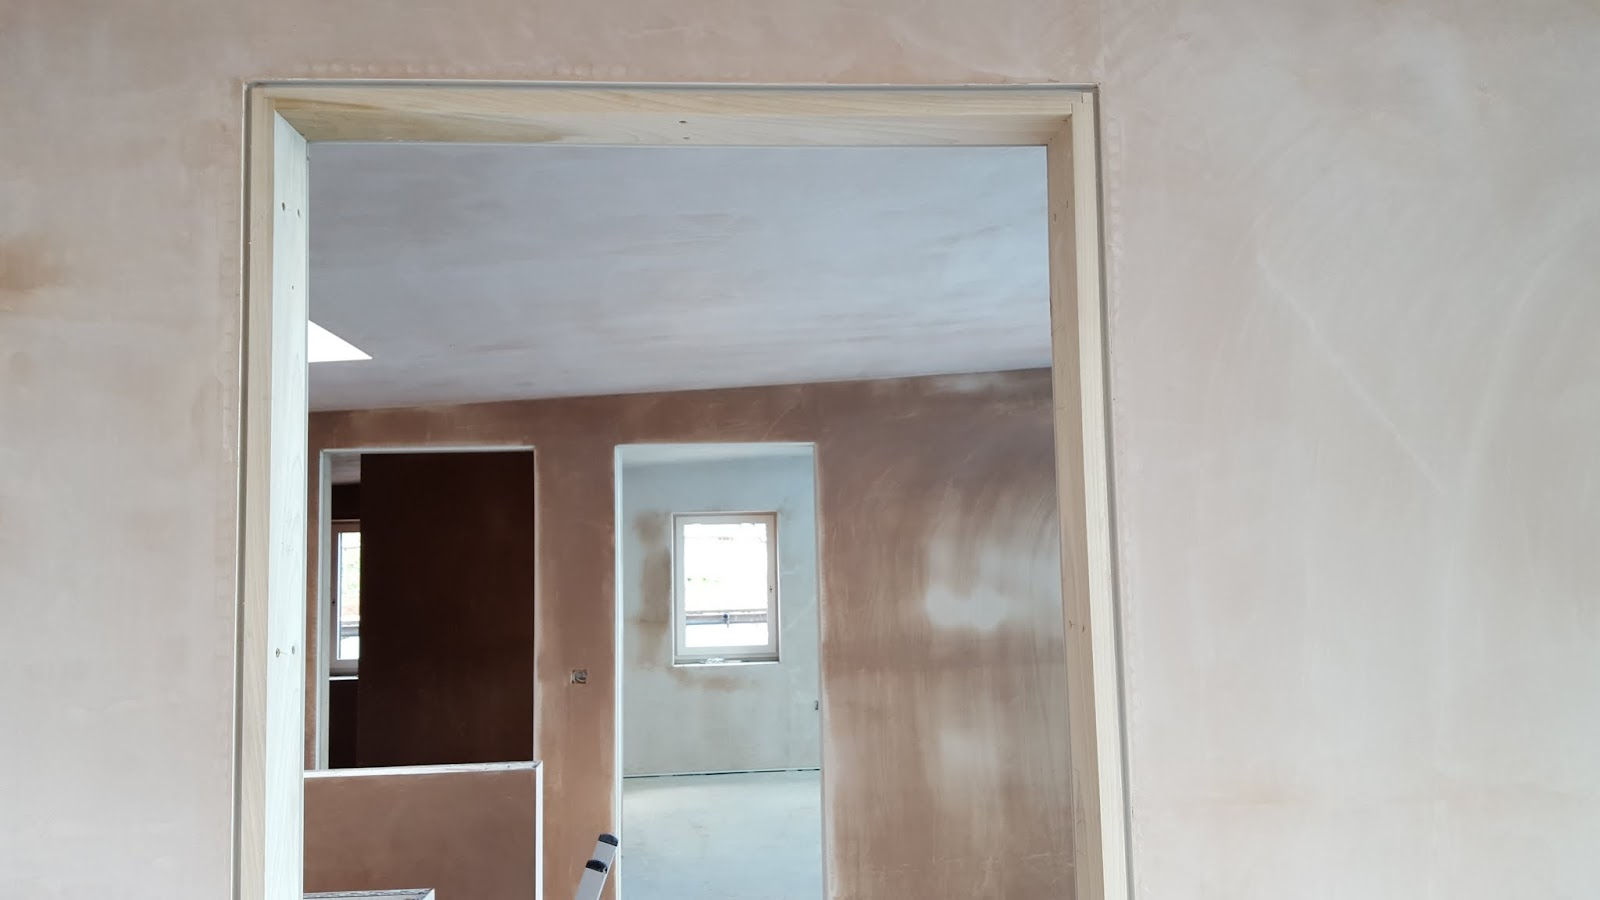 how to fix a gap in door frame